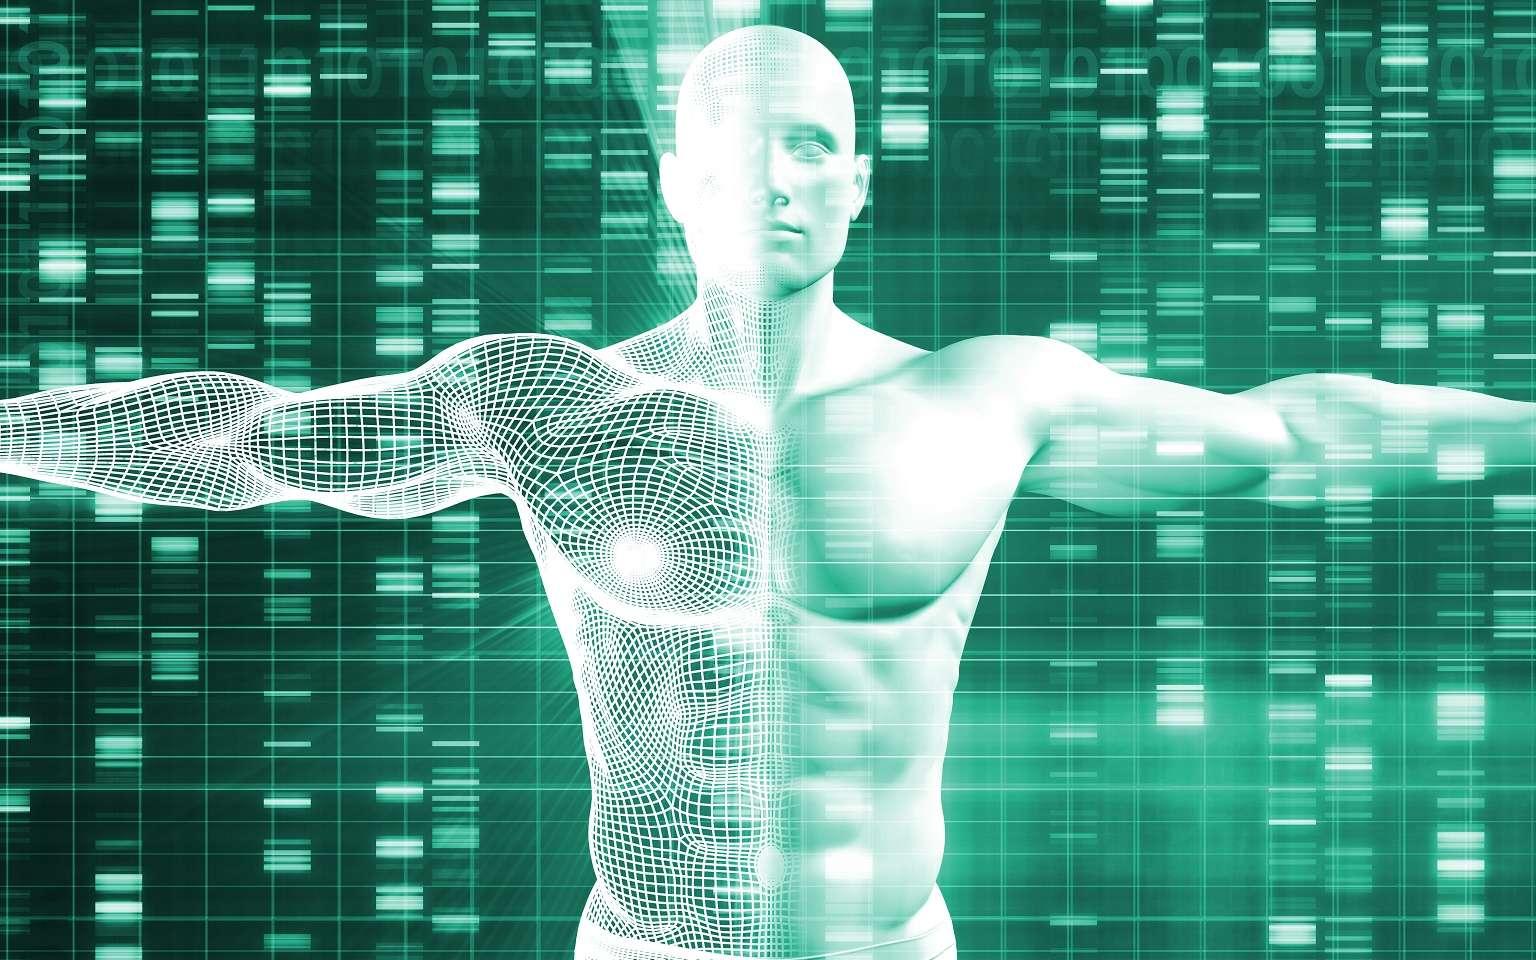 Le génome humain de synthèse est–il pour bientôt ? © kentoh, Shutterstock